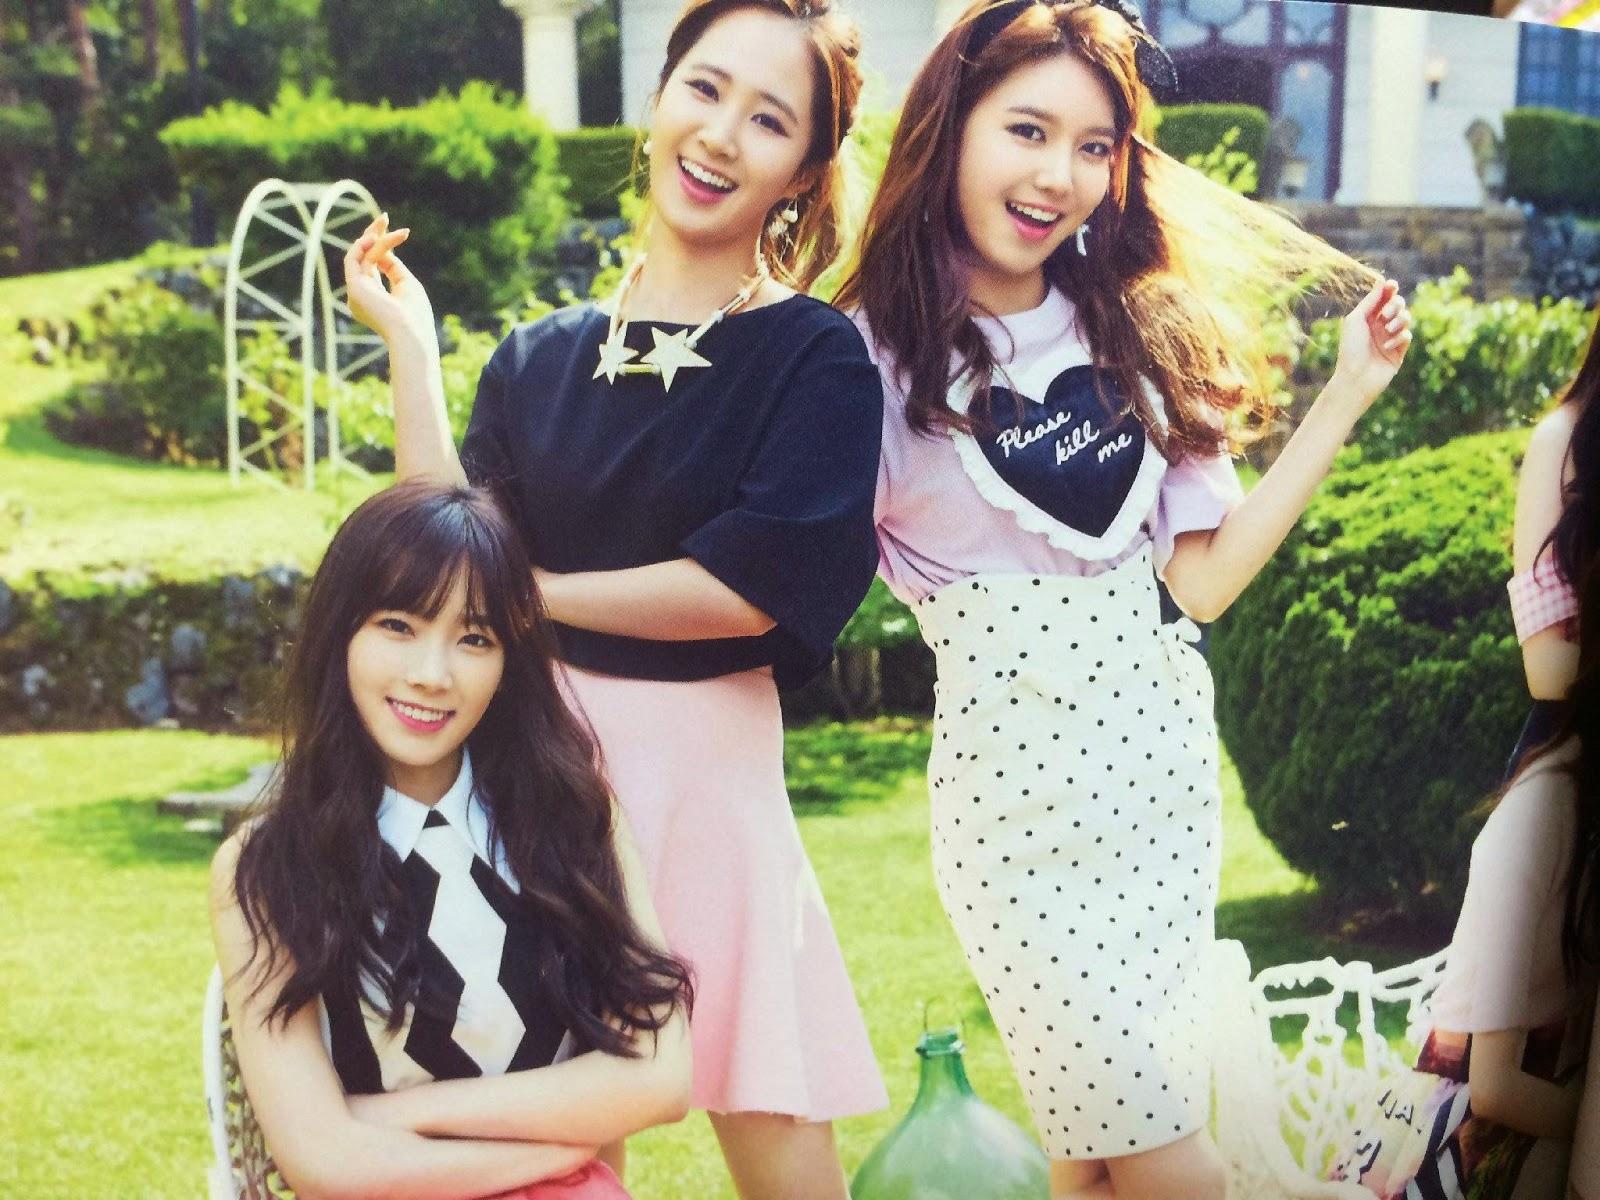 SNSD Girls Generation The Best Scan Wallpaper HD 9